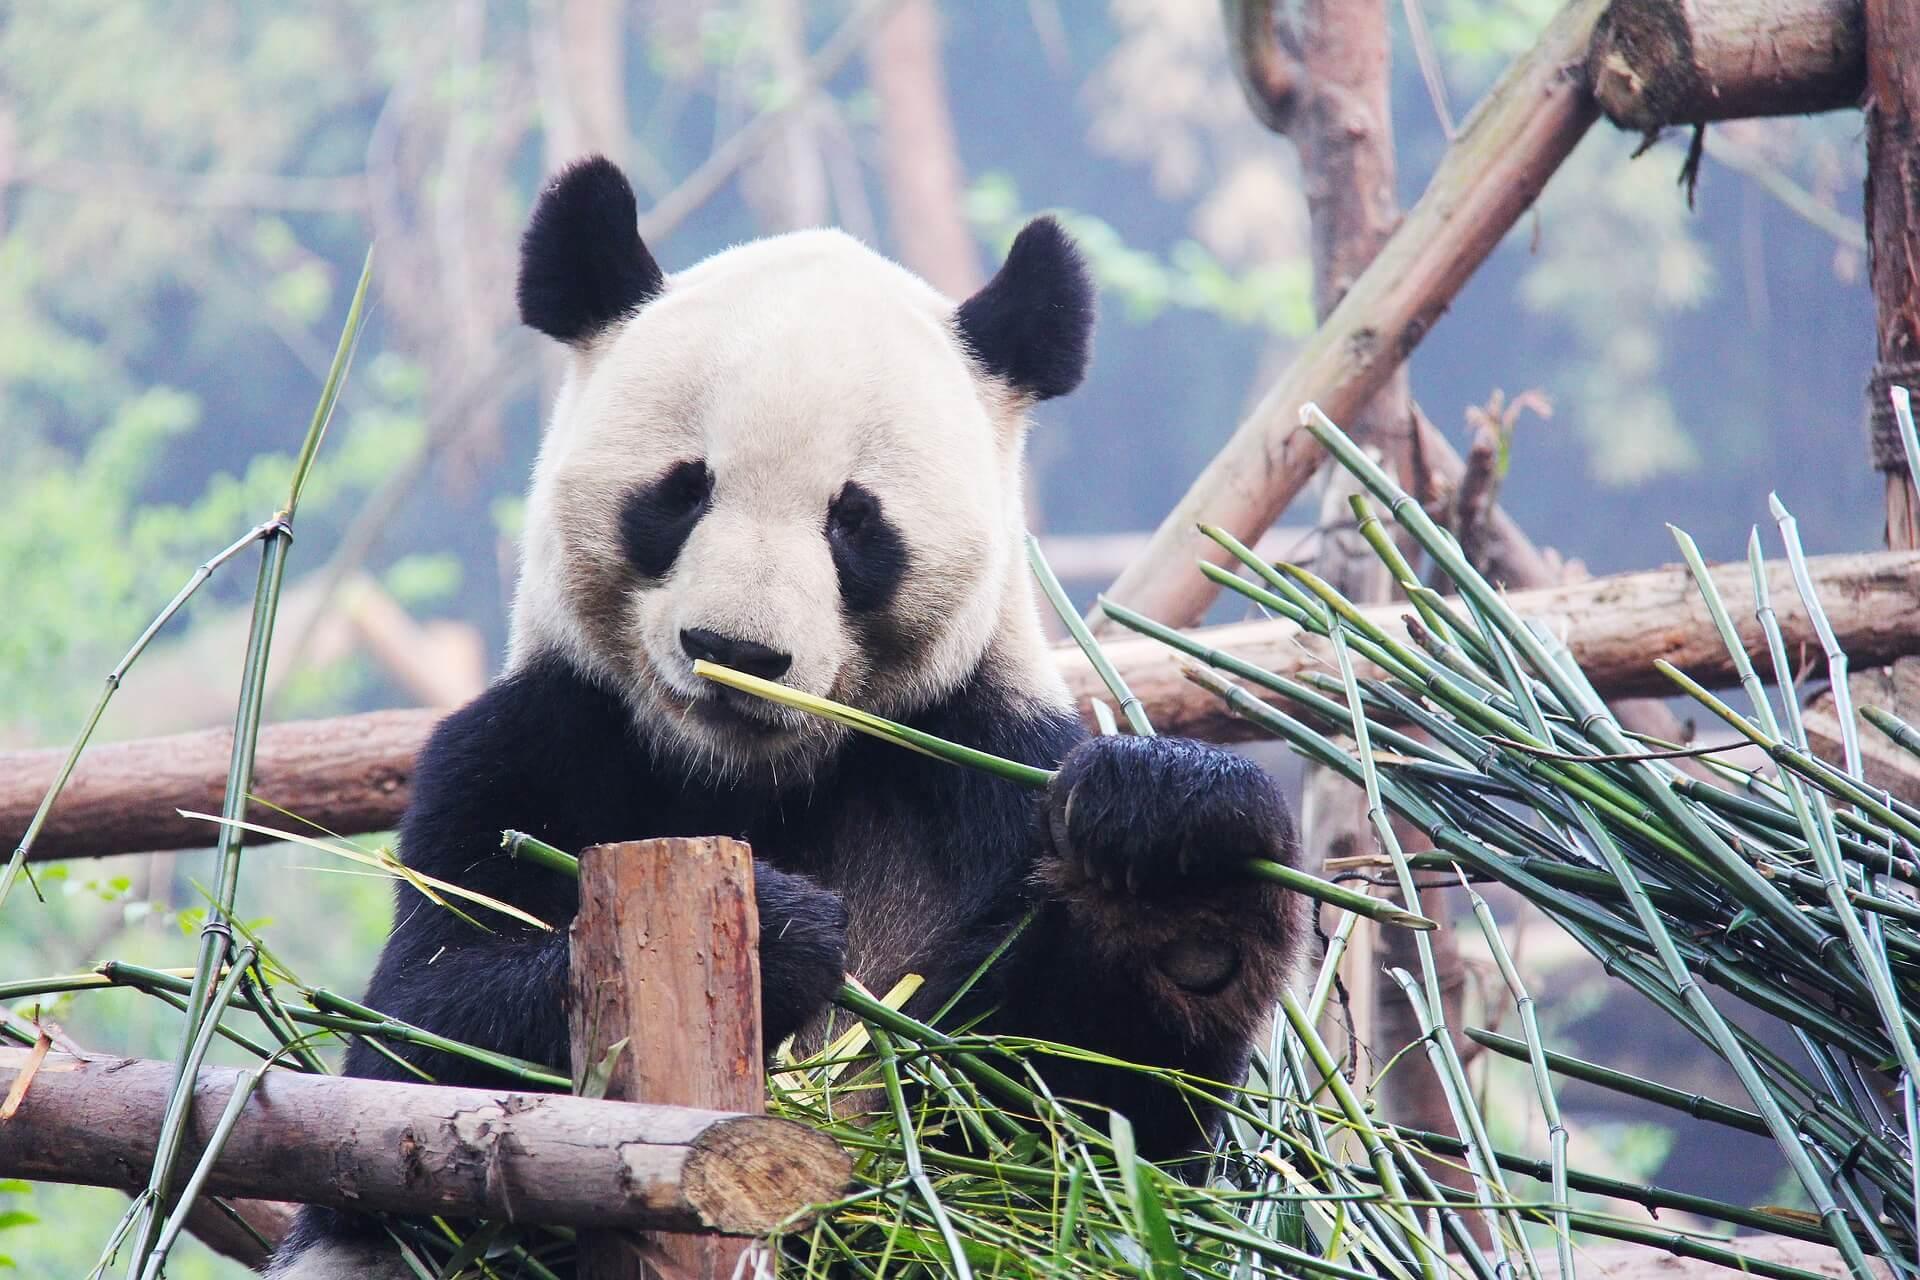 Tierschutzaktion-Spenden-2017_Panda_black-and-white-1711001_1920